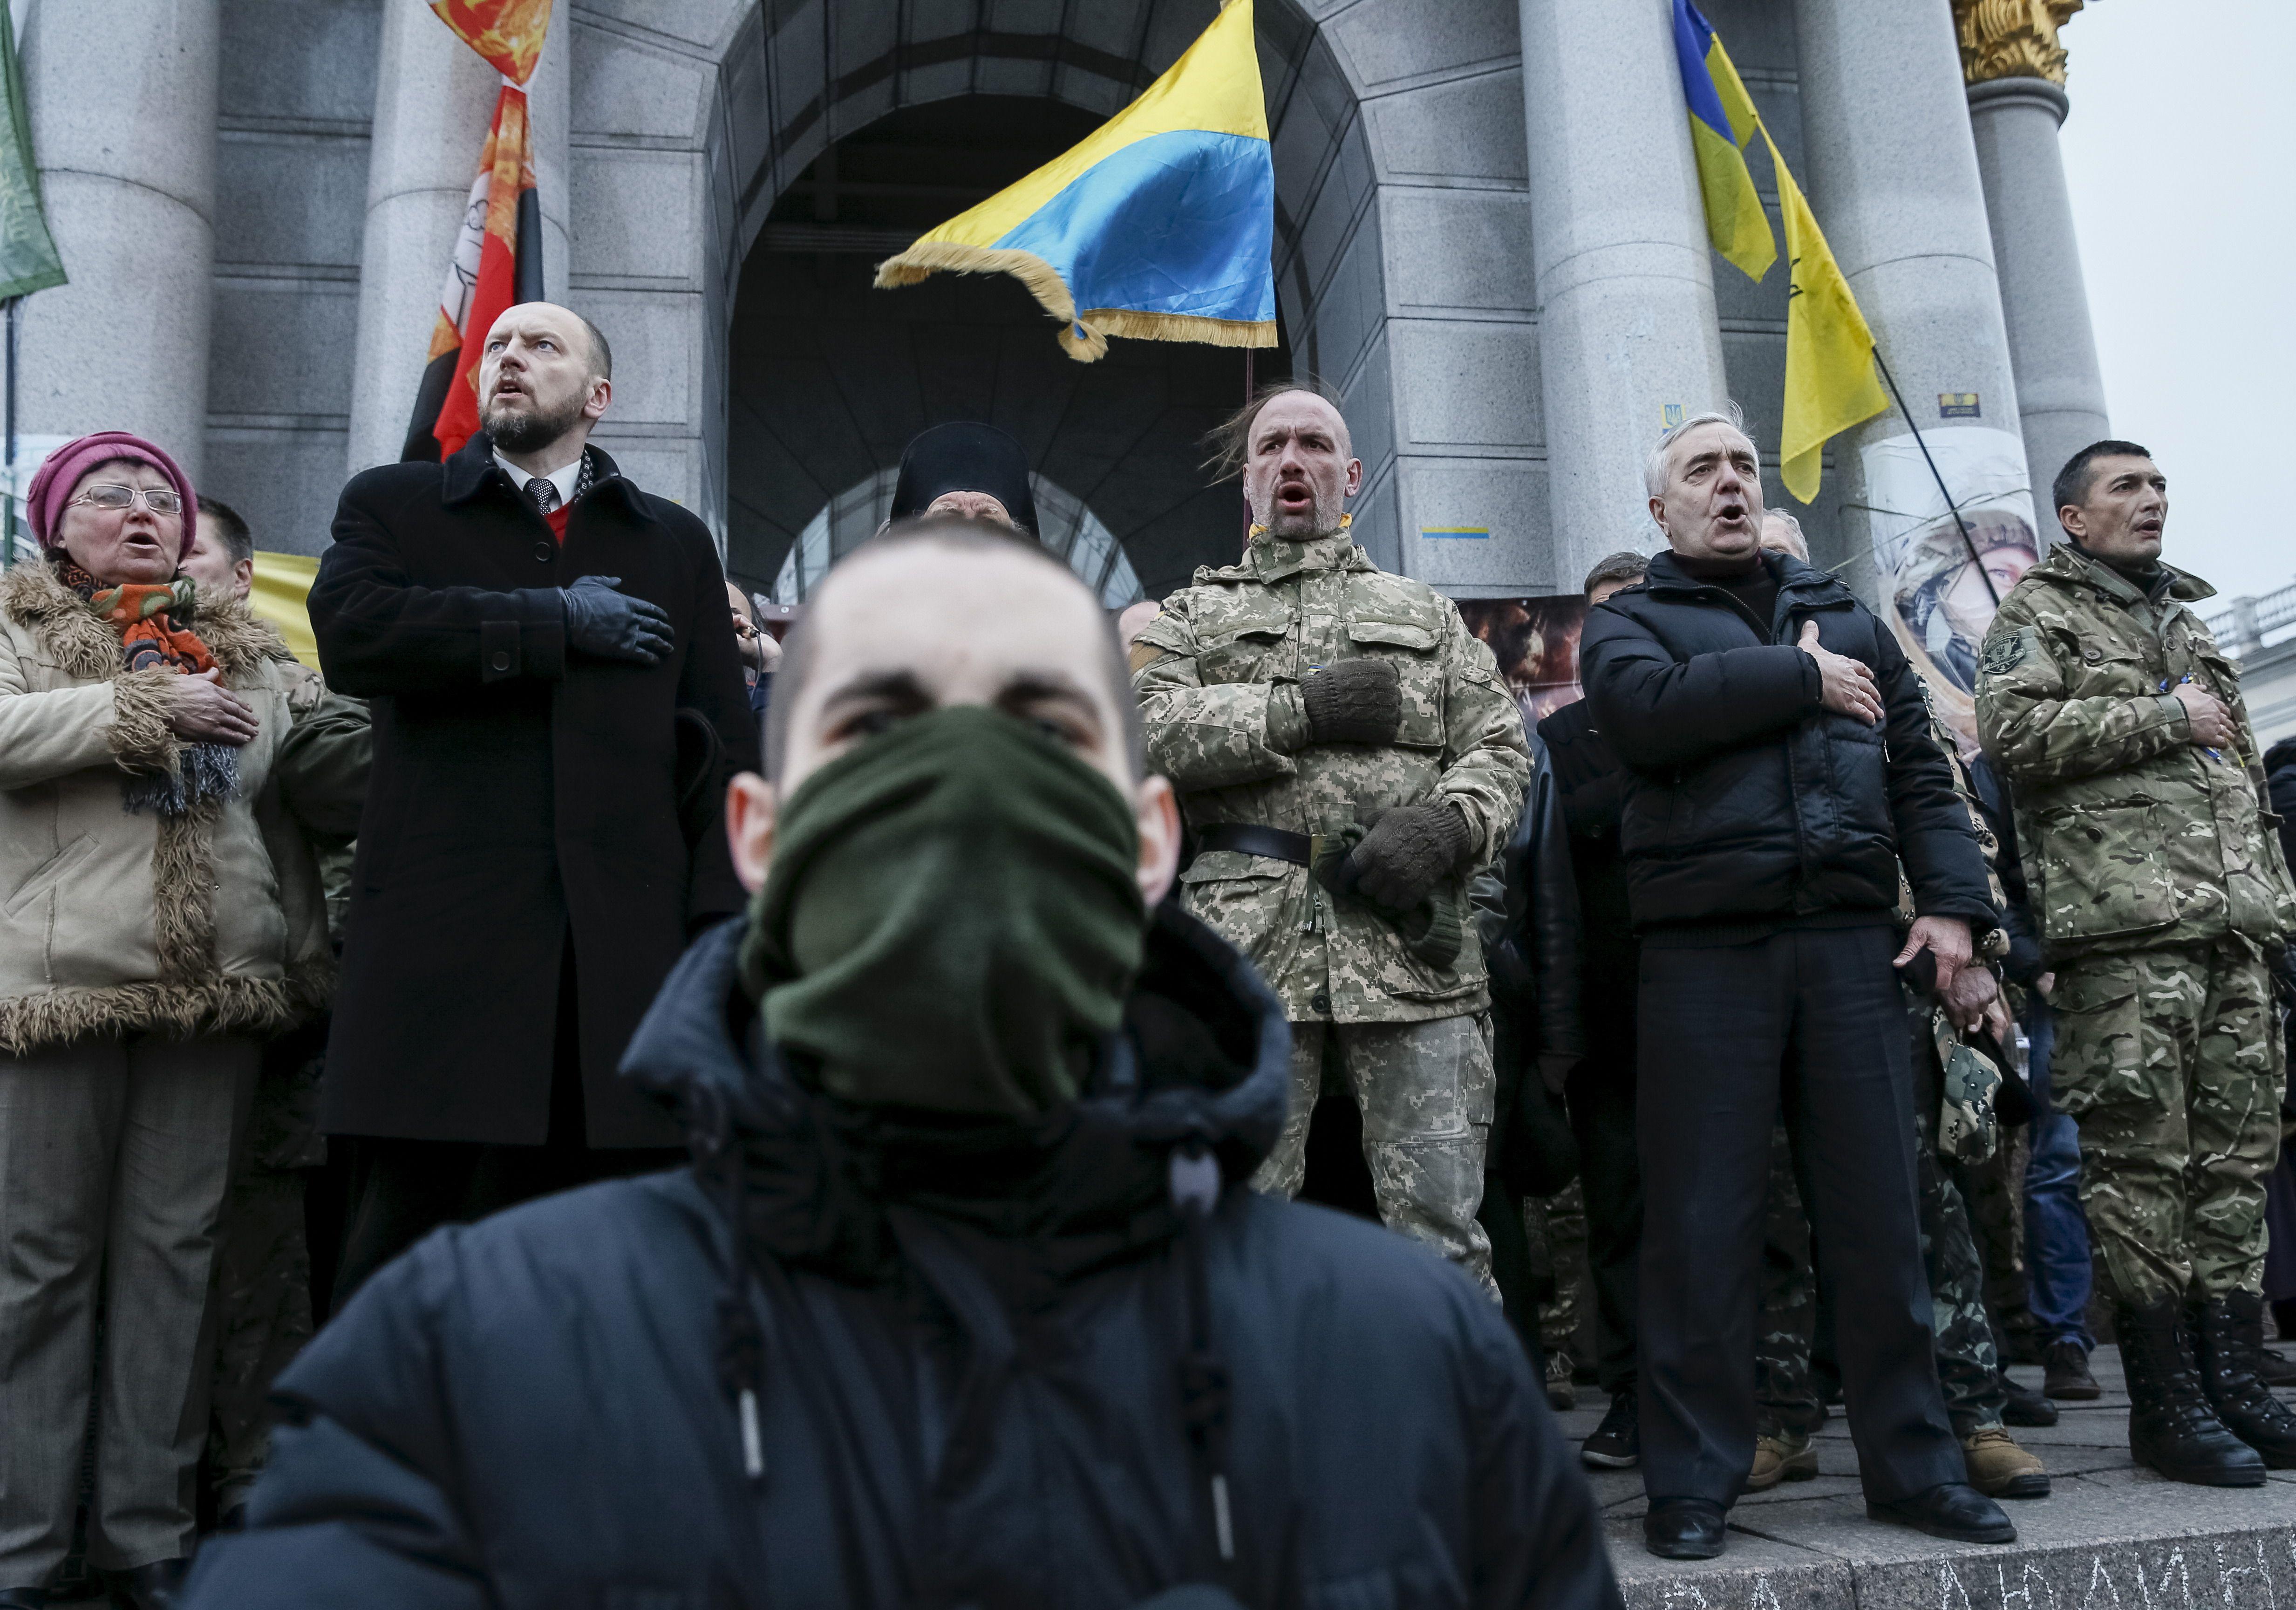 Comment la corruption et l'emprise des oligarques pénalisent l'Ukraine au moins autant que les ingérences russes